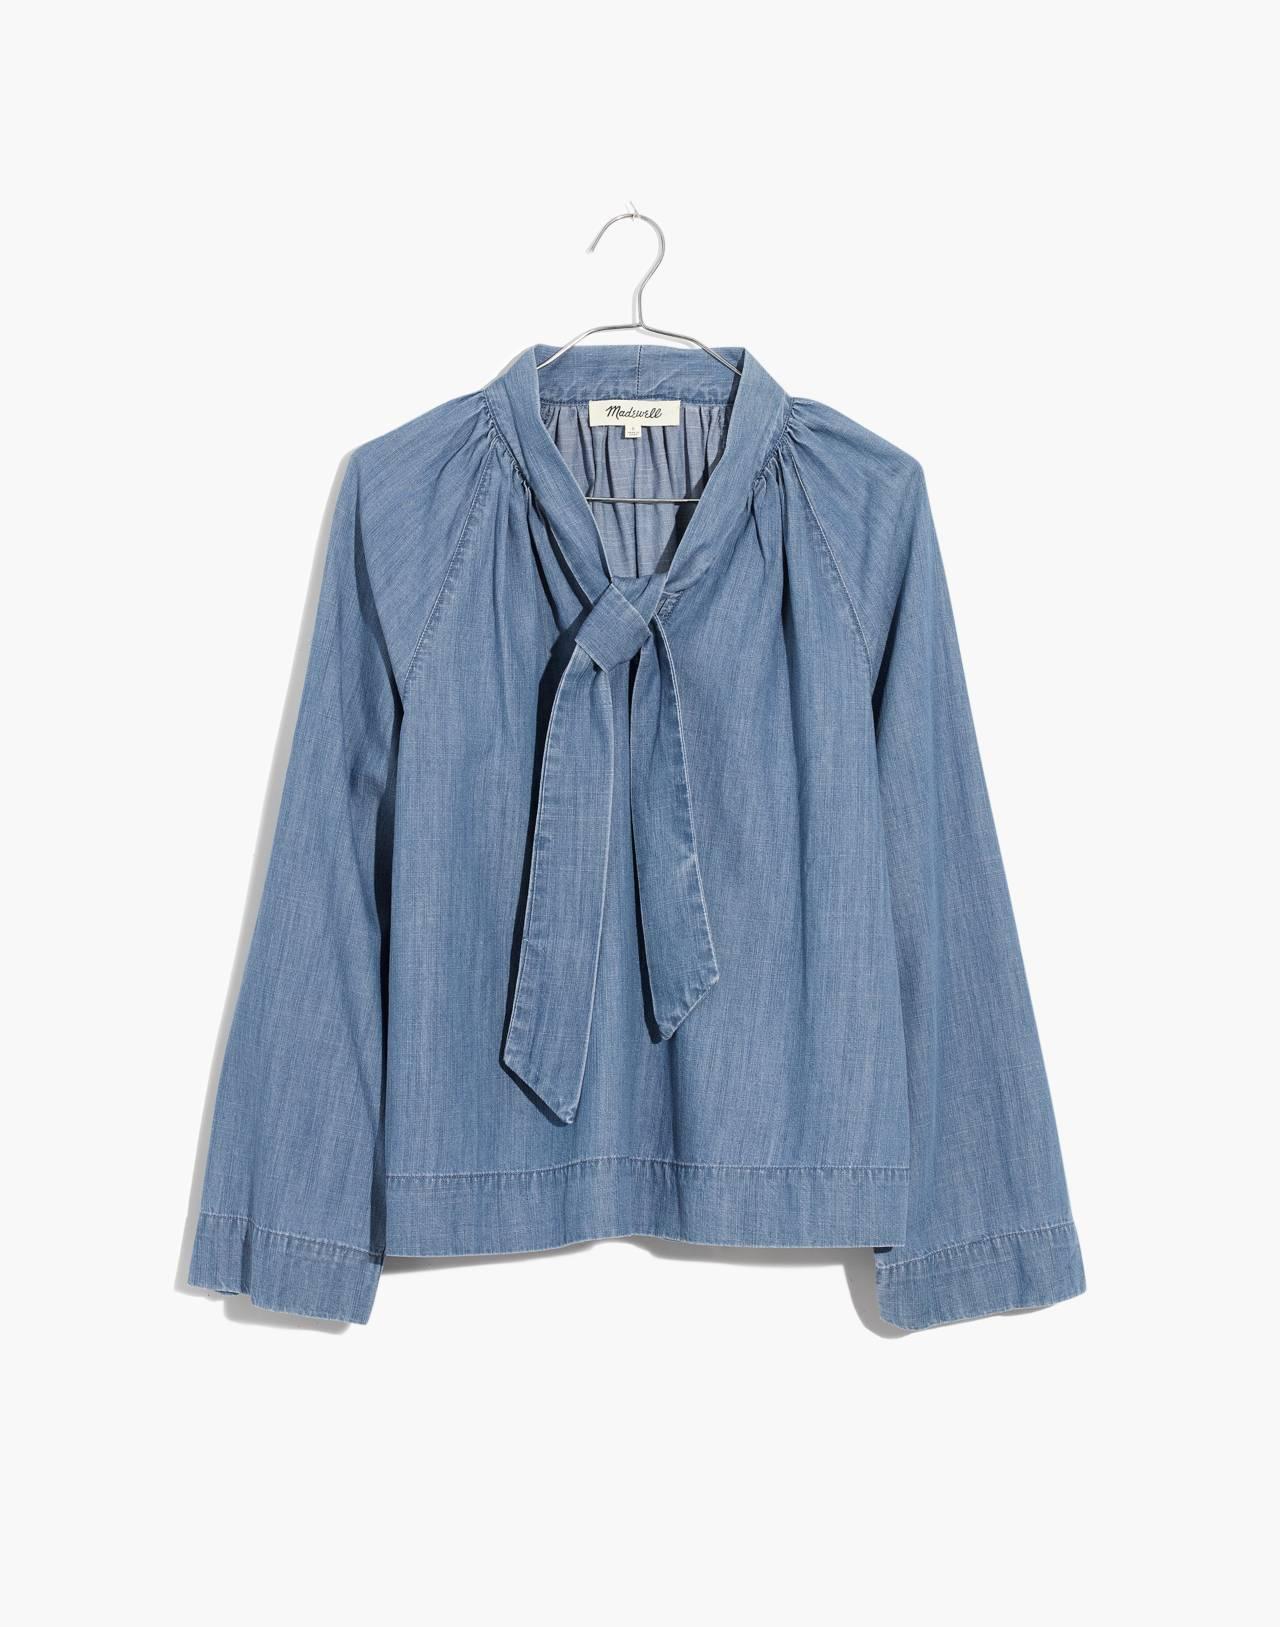 Denim Tie-Neck Popover Shirt in odessa wash image 4